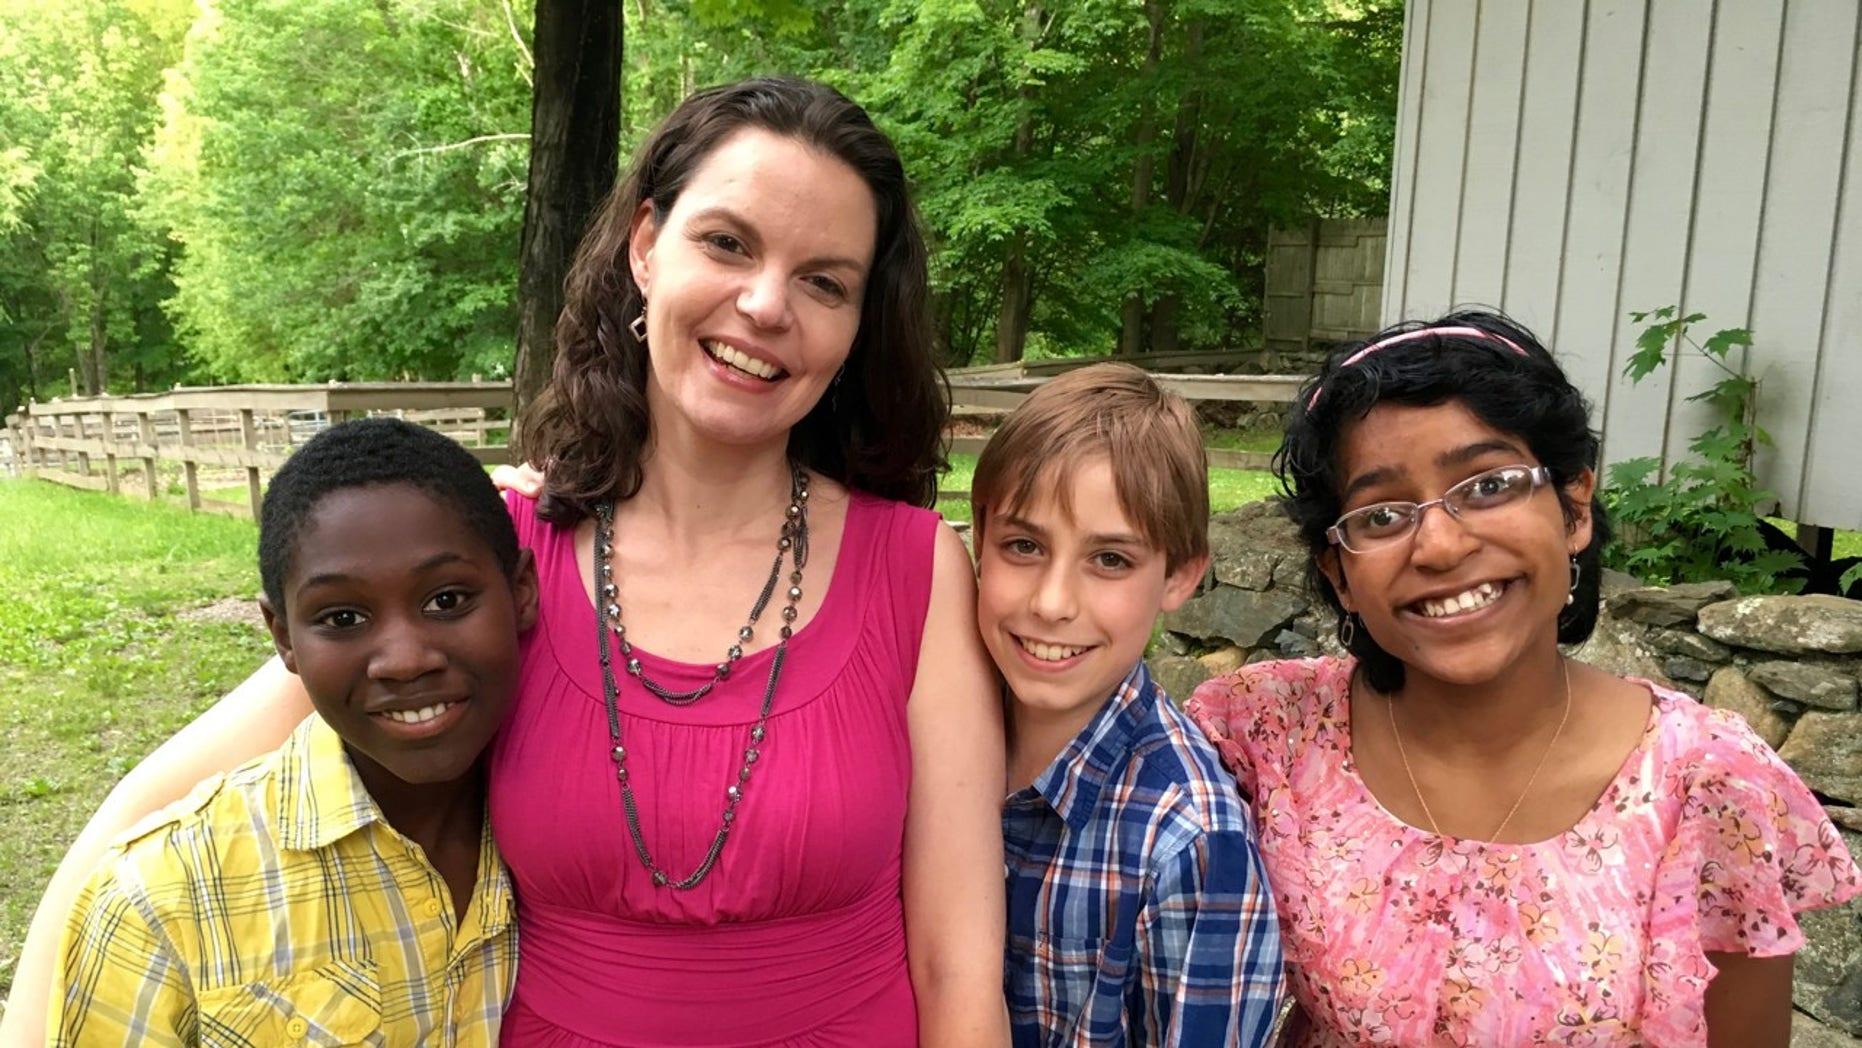 Jamie with her three children.